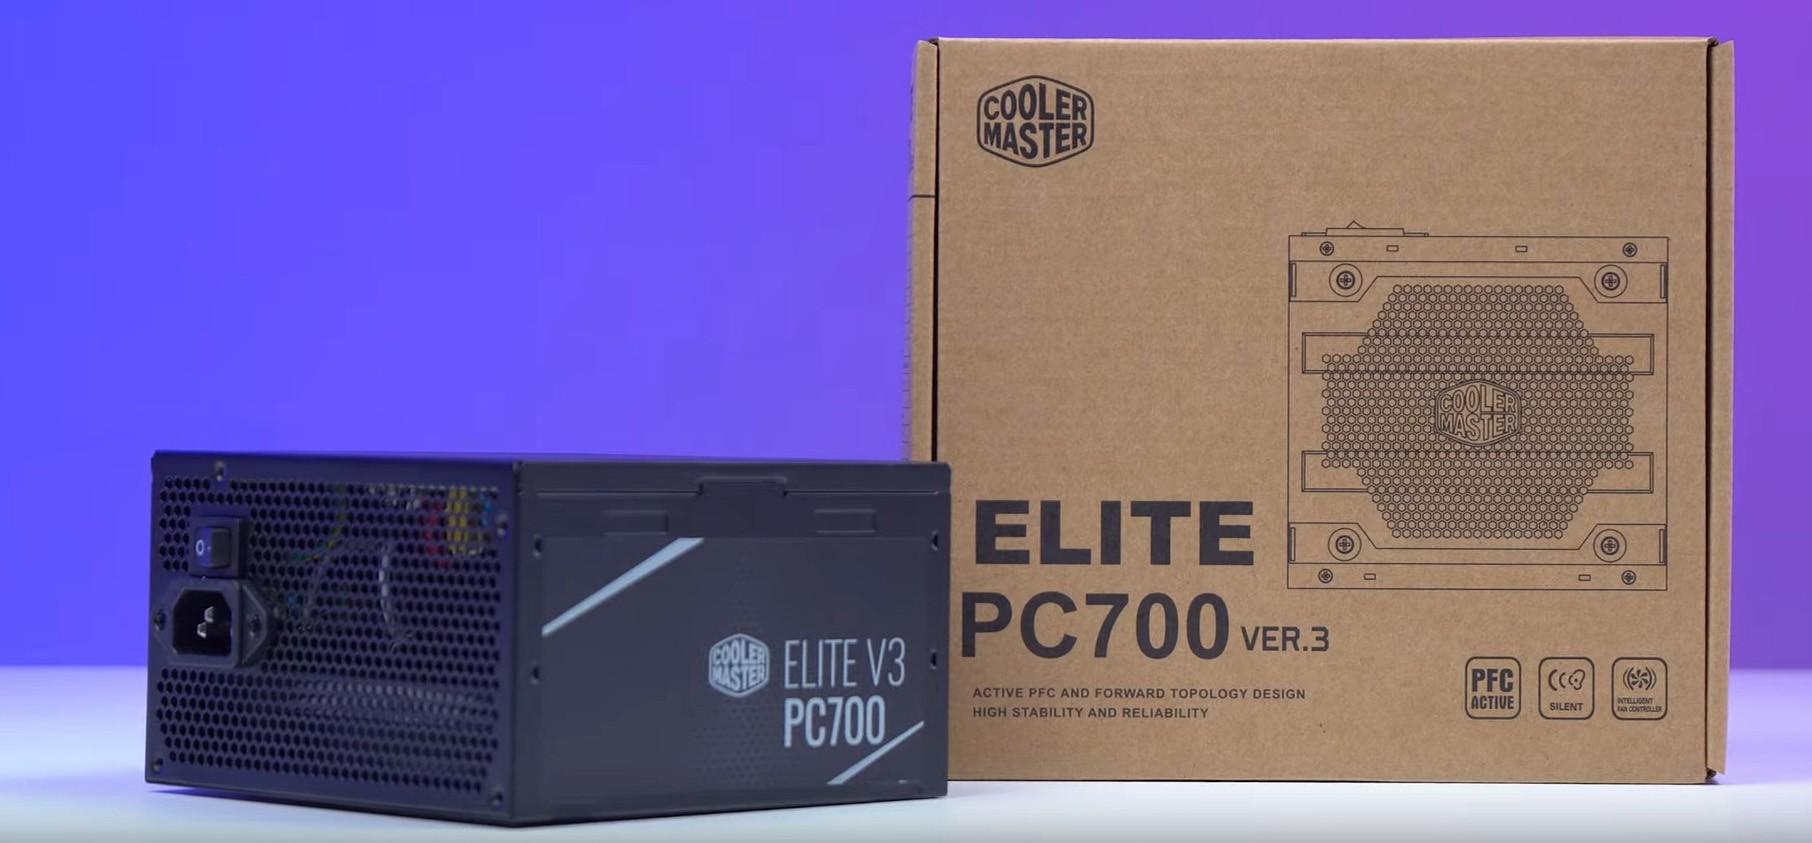 Nguồn Cooler Master Elite V3 PC700 - 230V - 700W